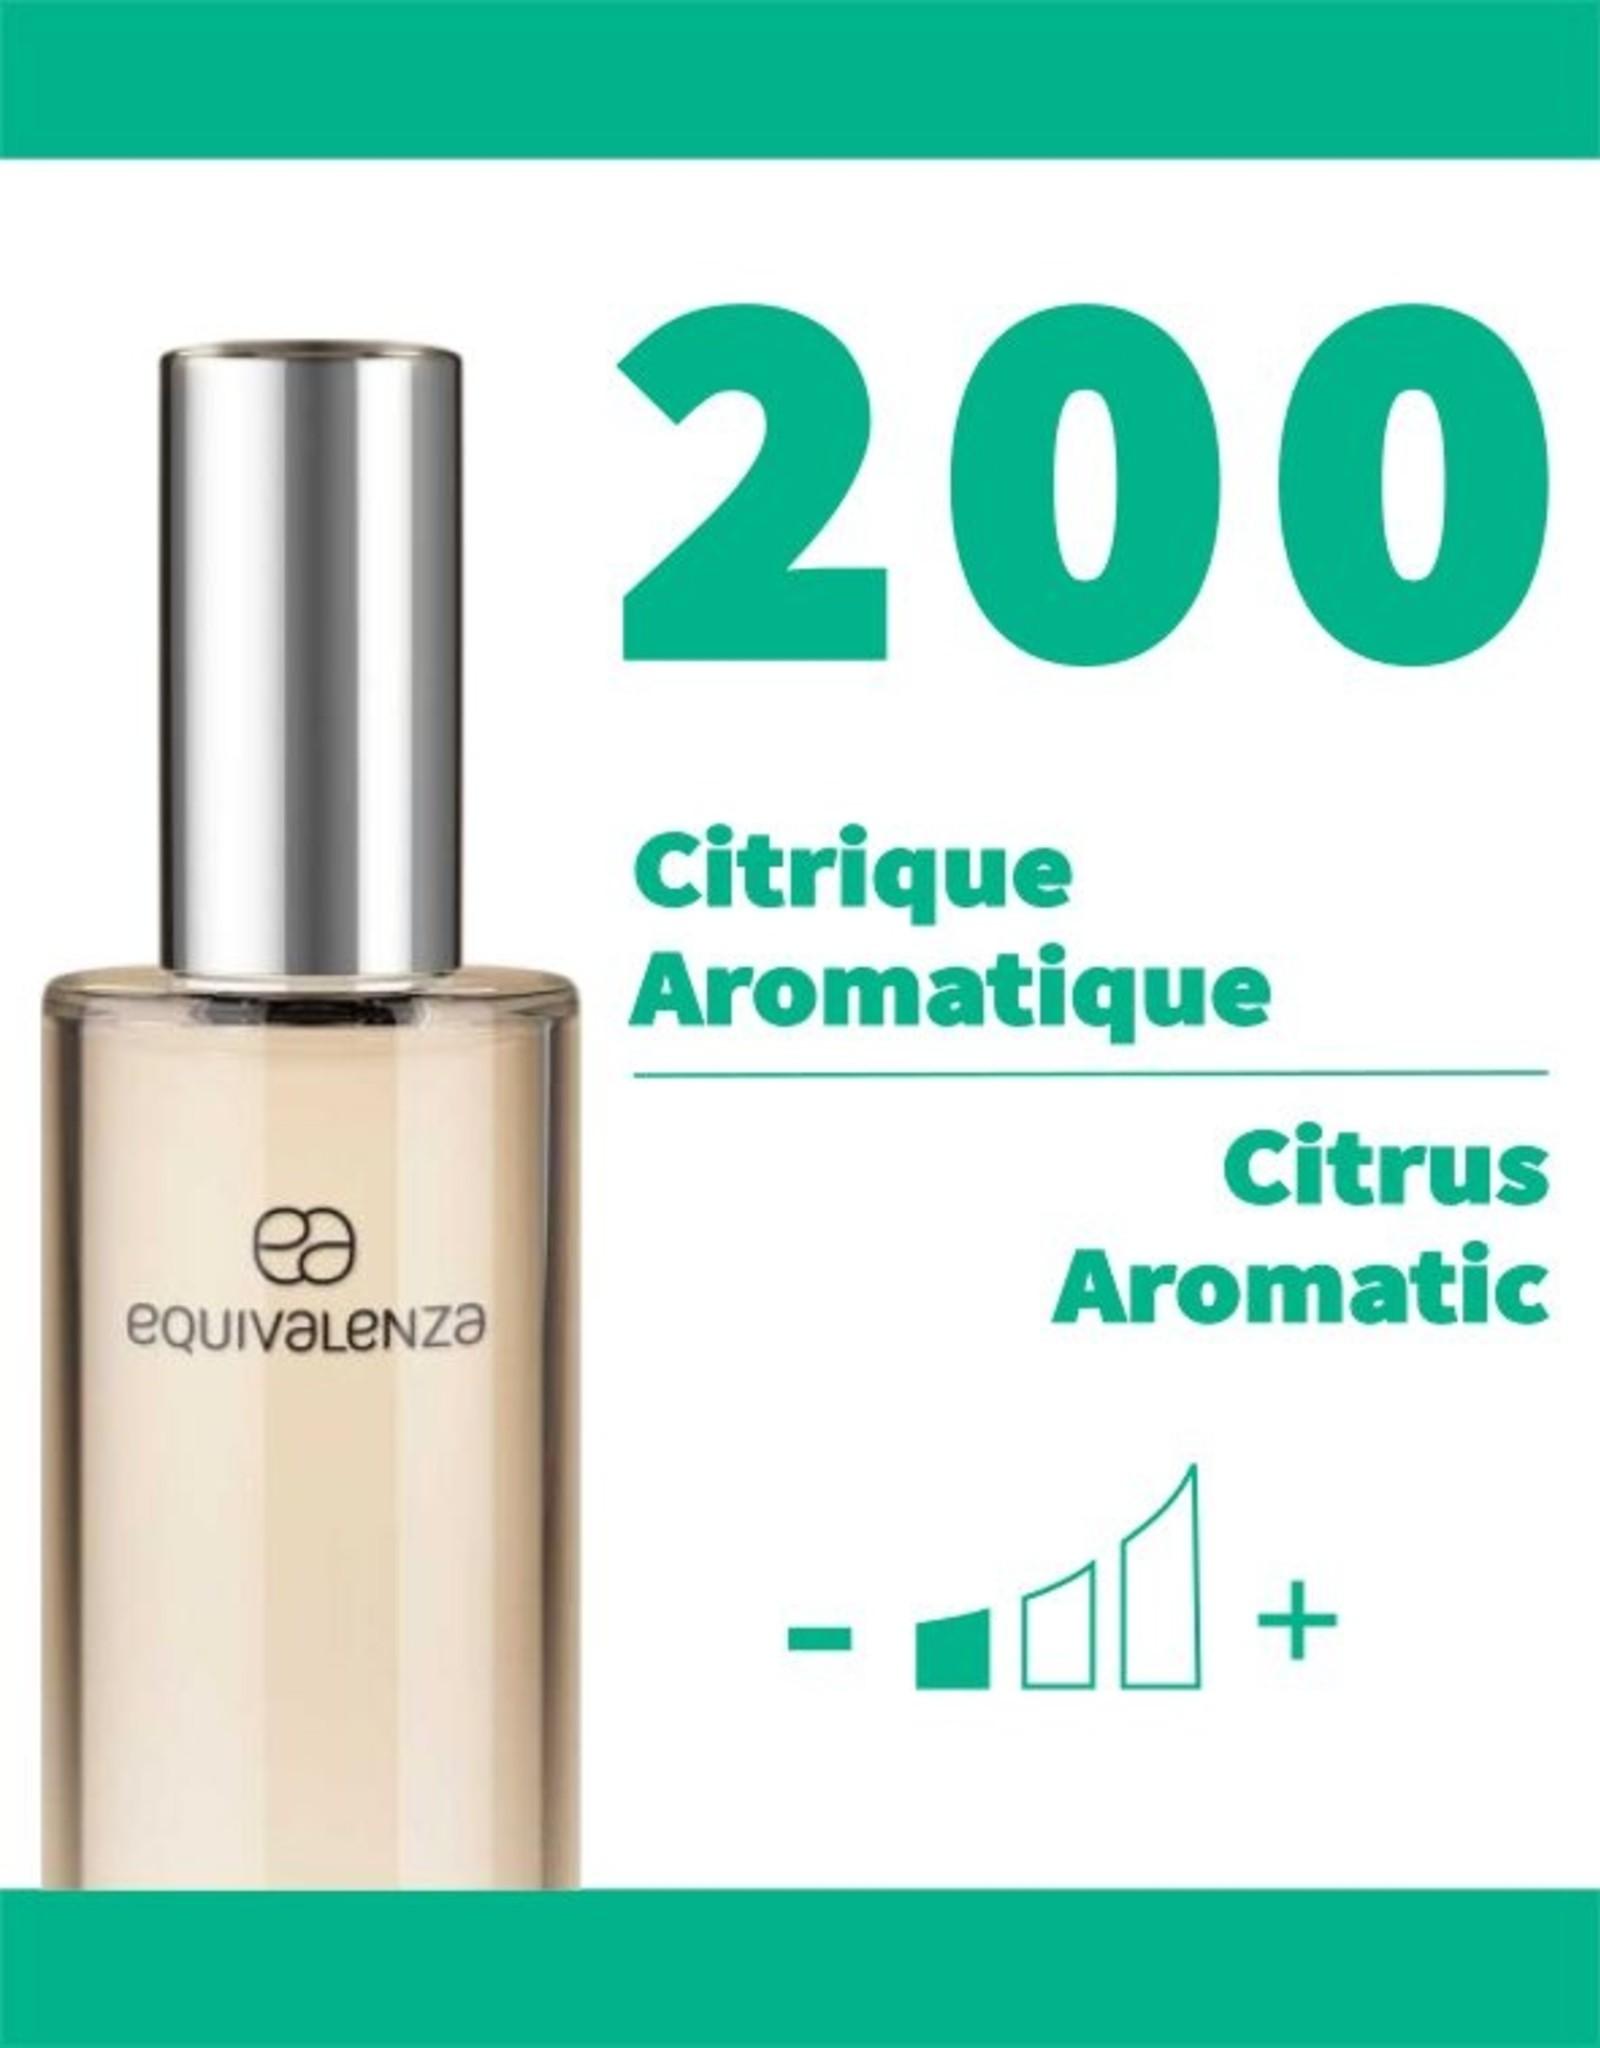 Equivalenza Citrique Aromatique 200